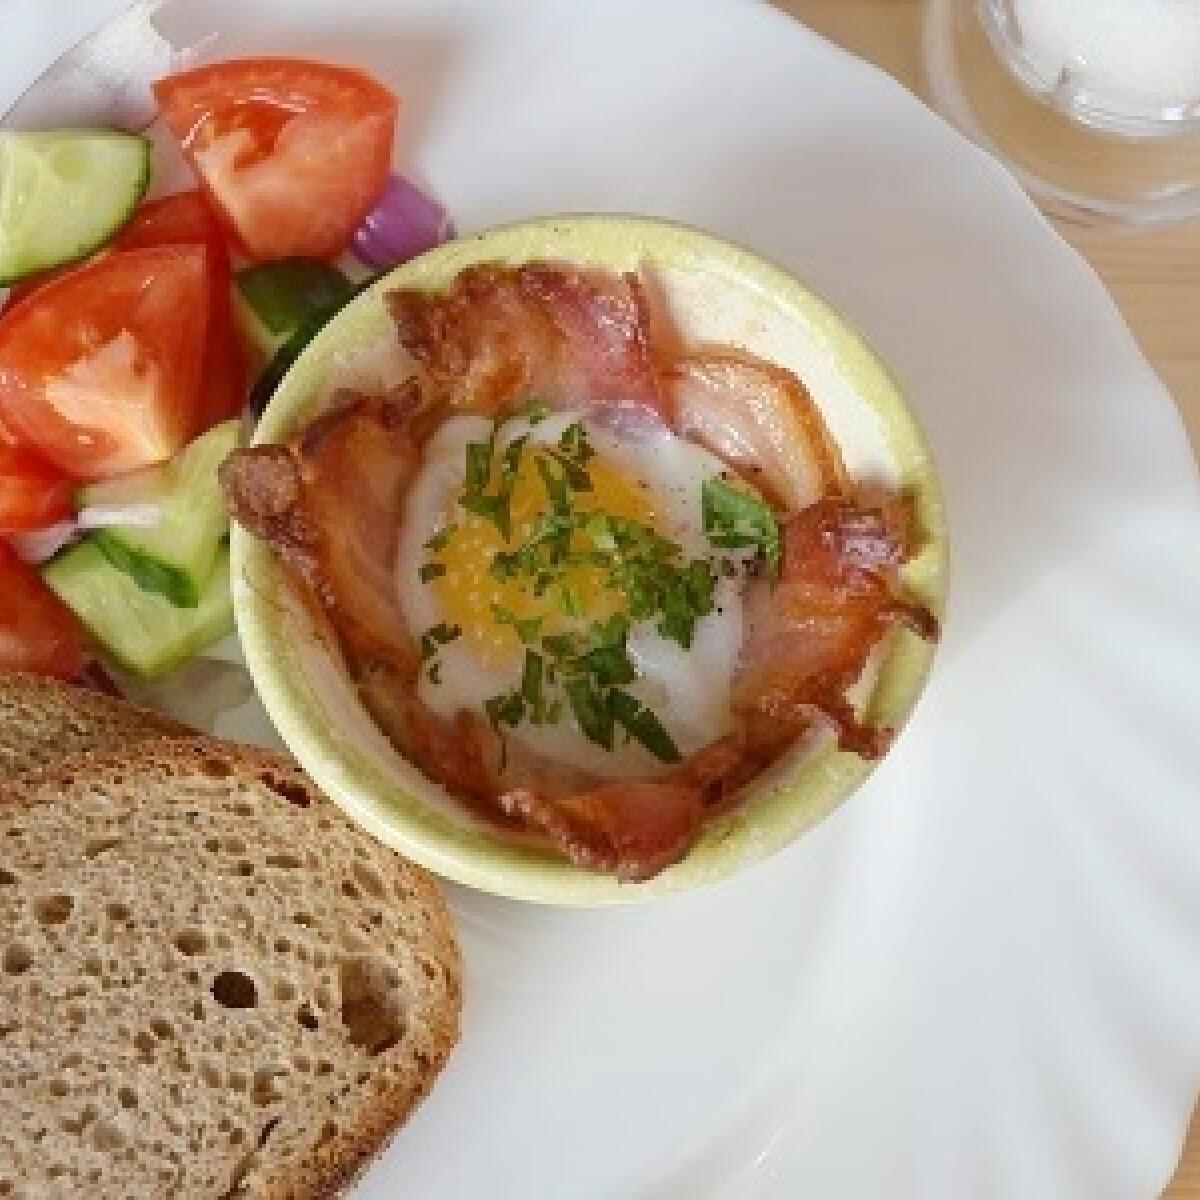 Baconkosárban sült tojás